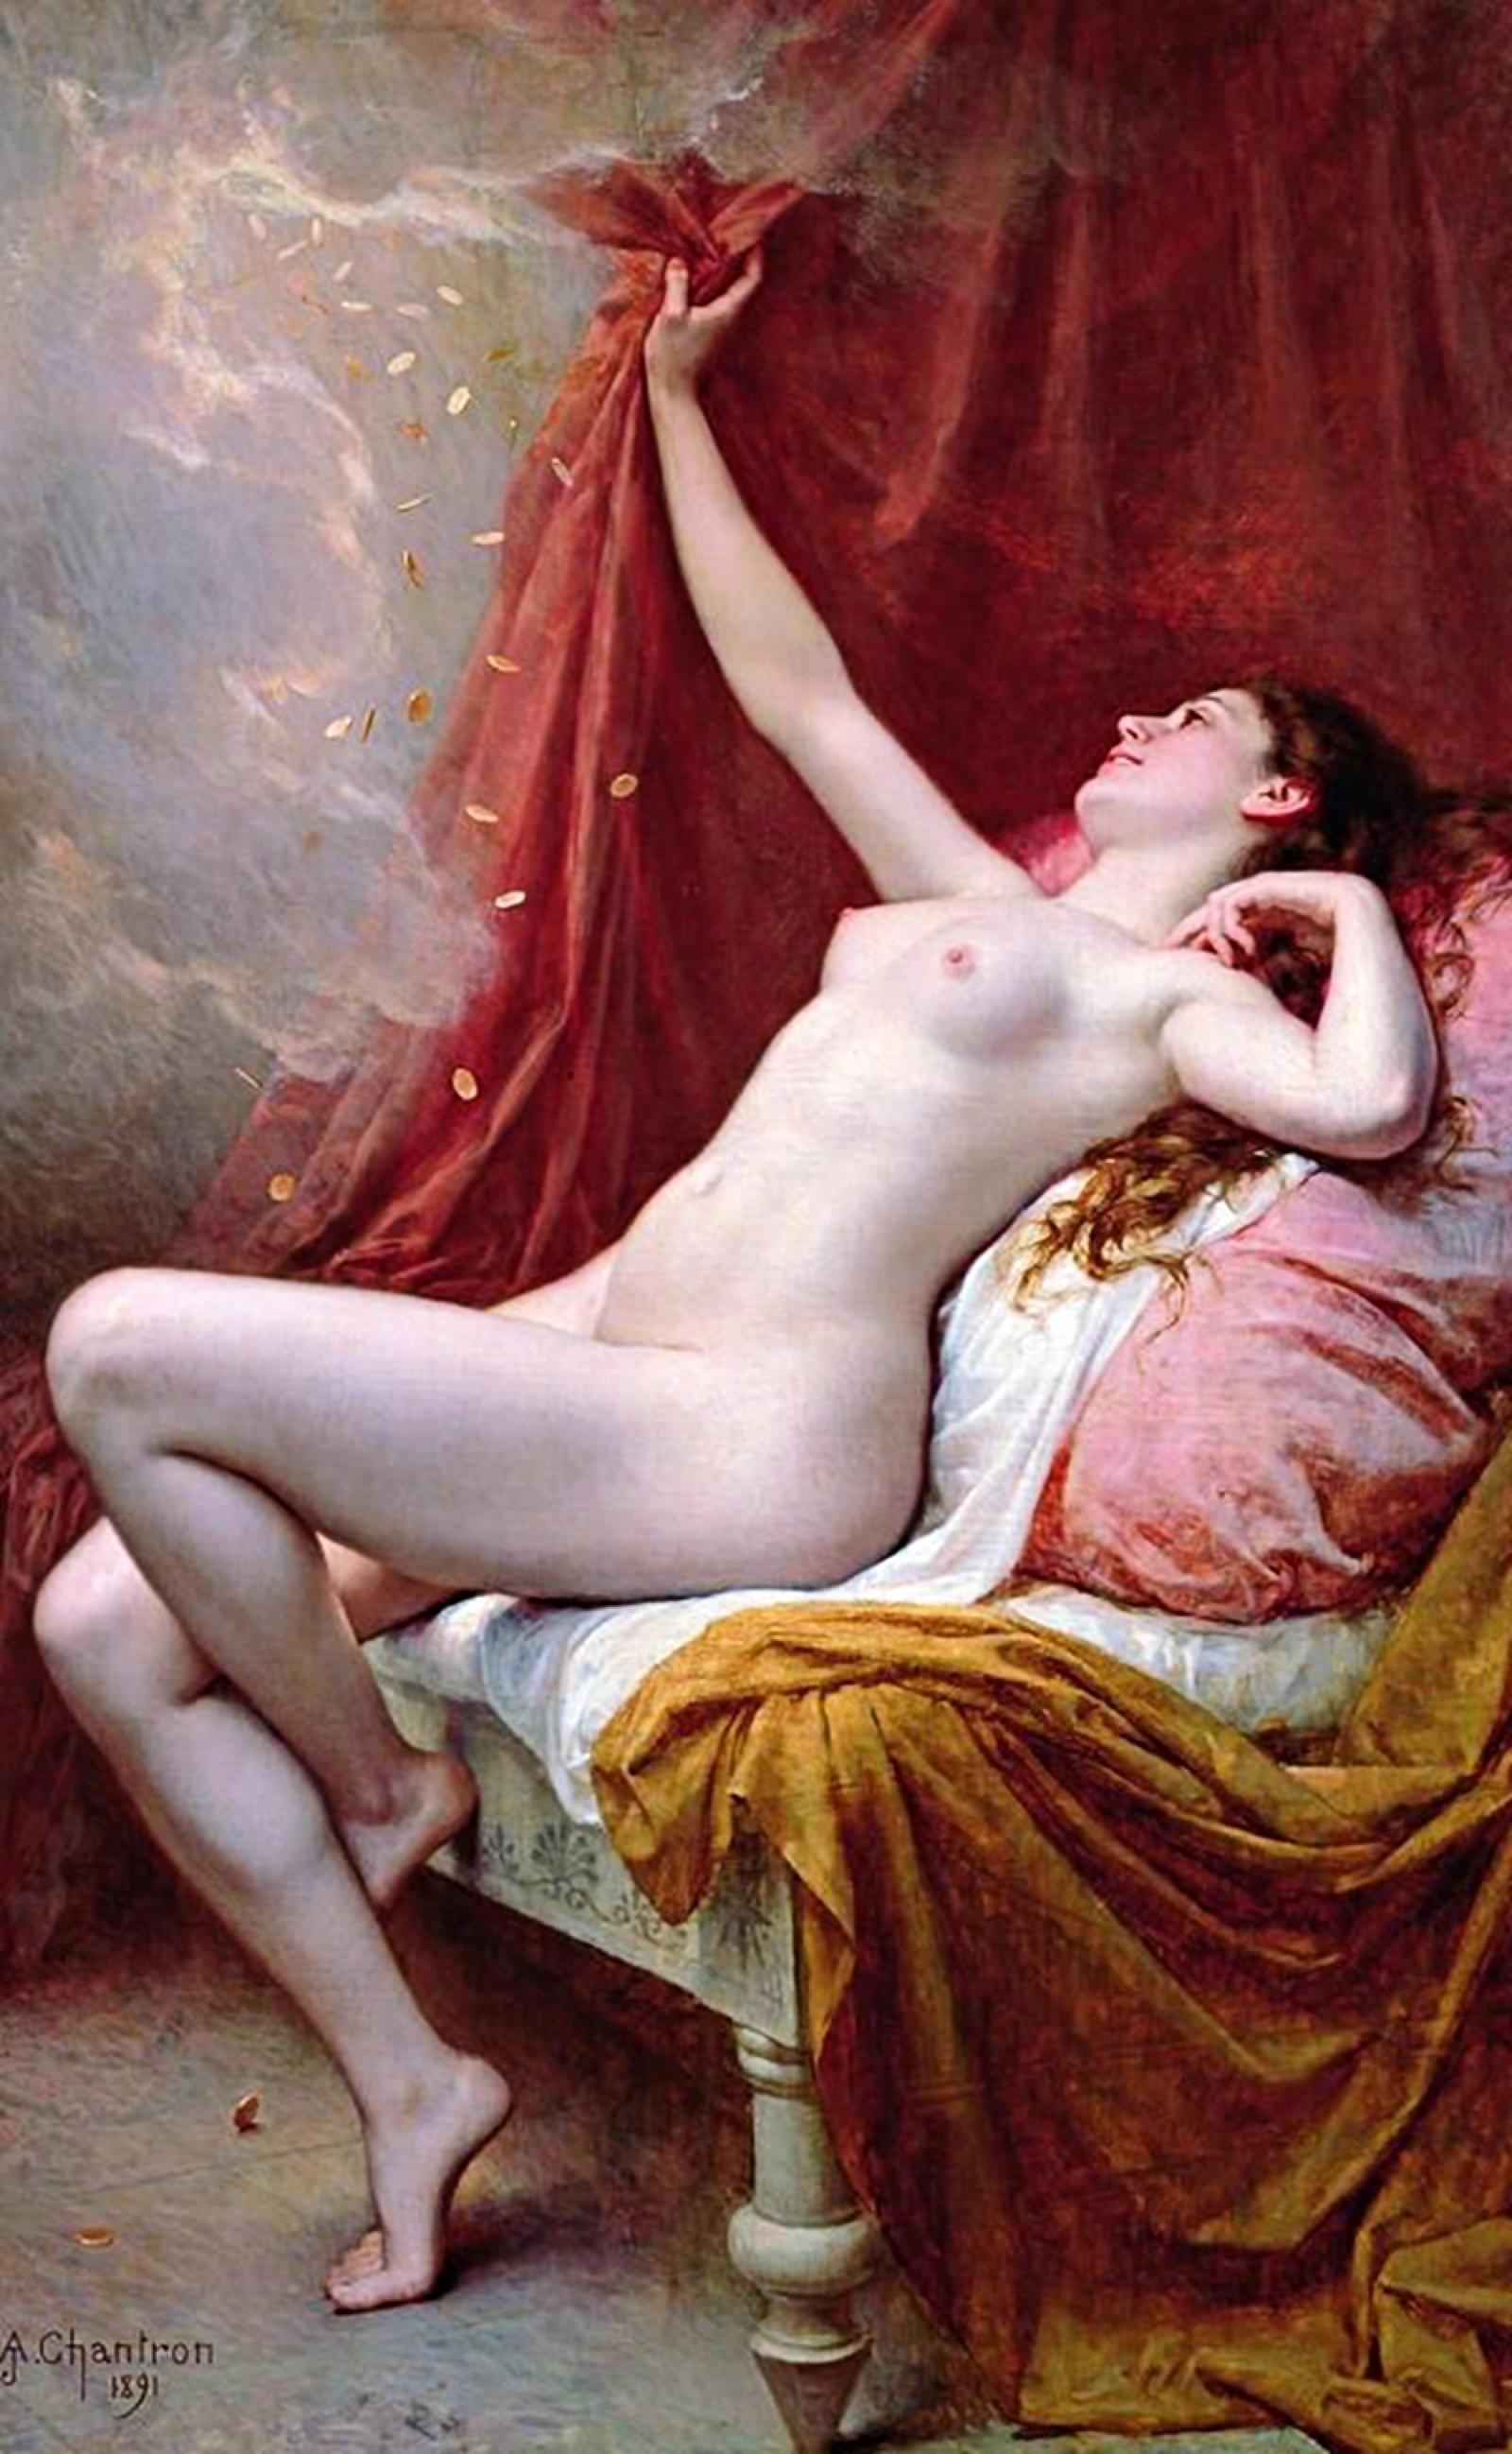 Danaé, Alexandre-Jacques Chantron, 1891, musée des Beaux-Arts de Rennes - Twelve Magazine